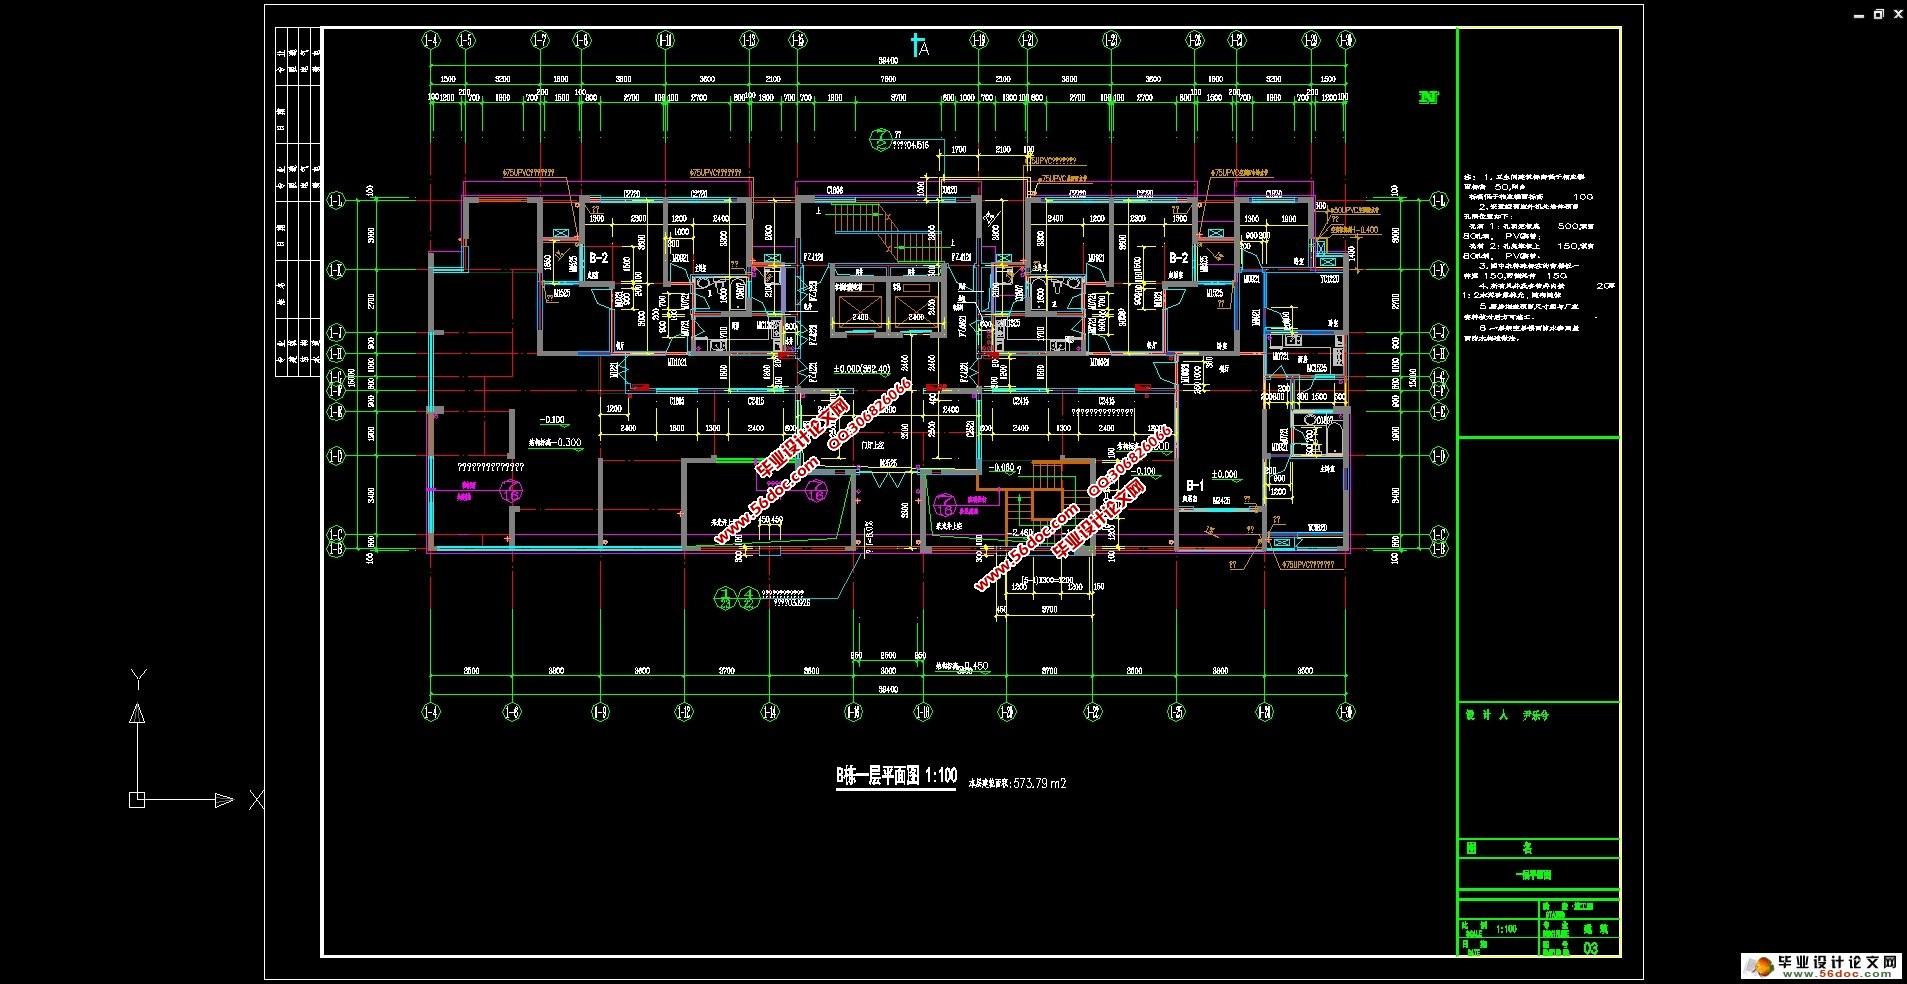 十层12530平米住宅小区剪力墙结构设计 建筑图,结构图